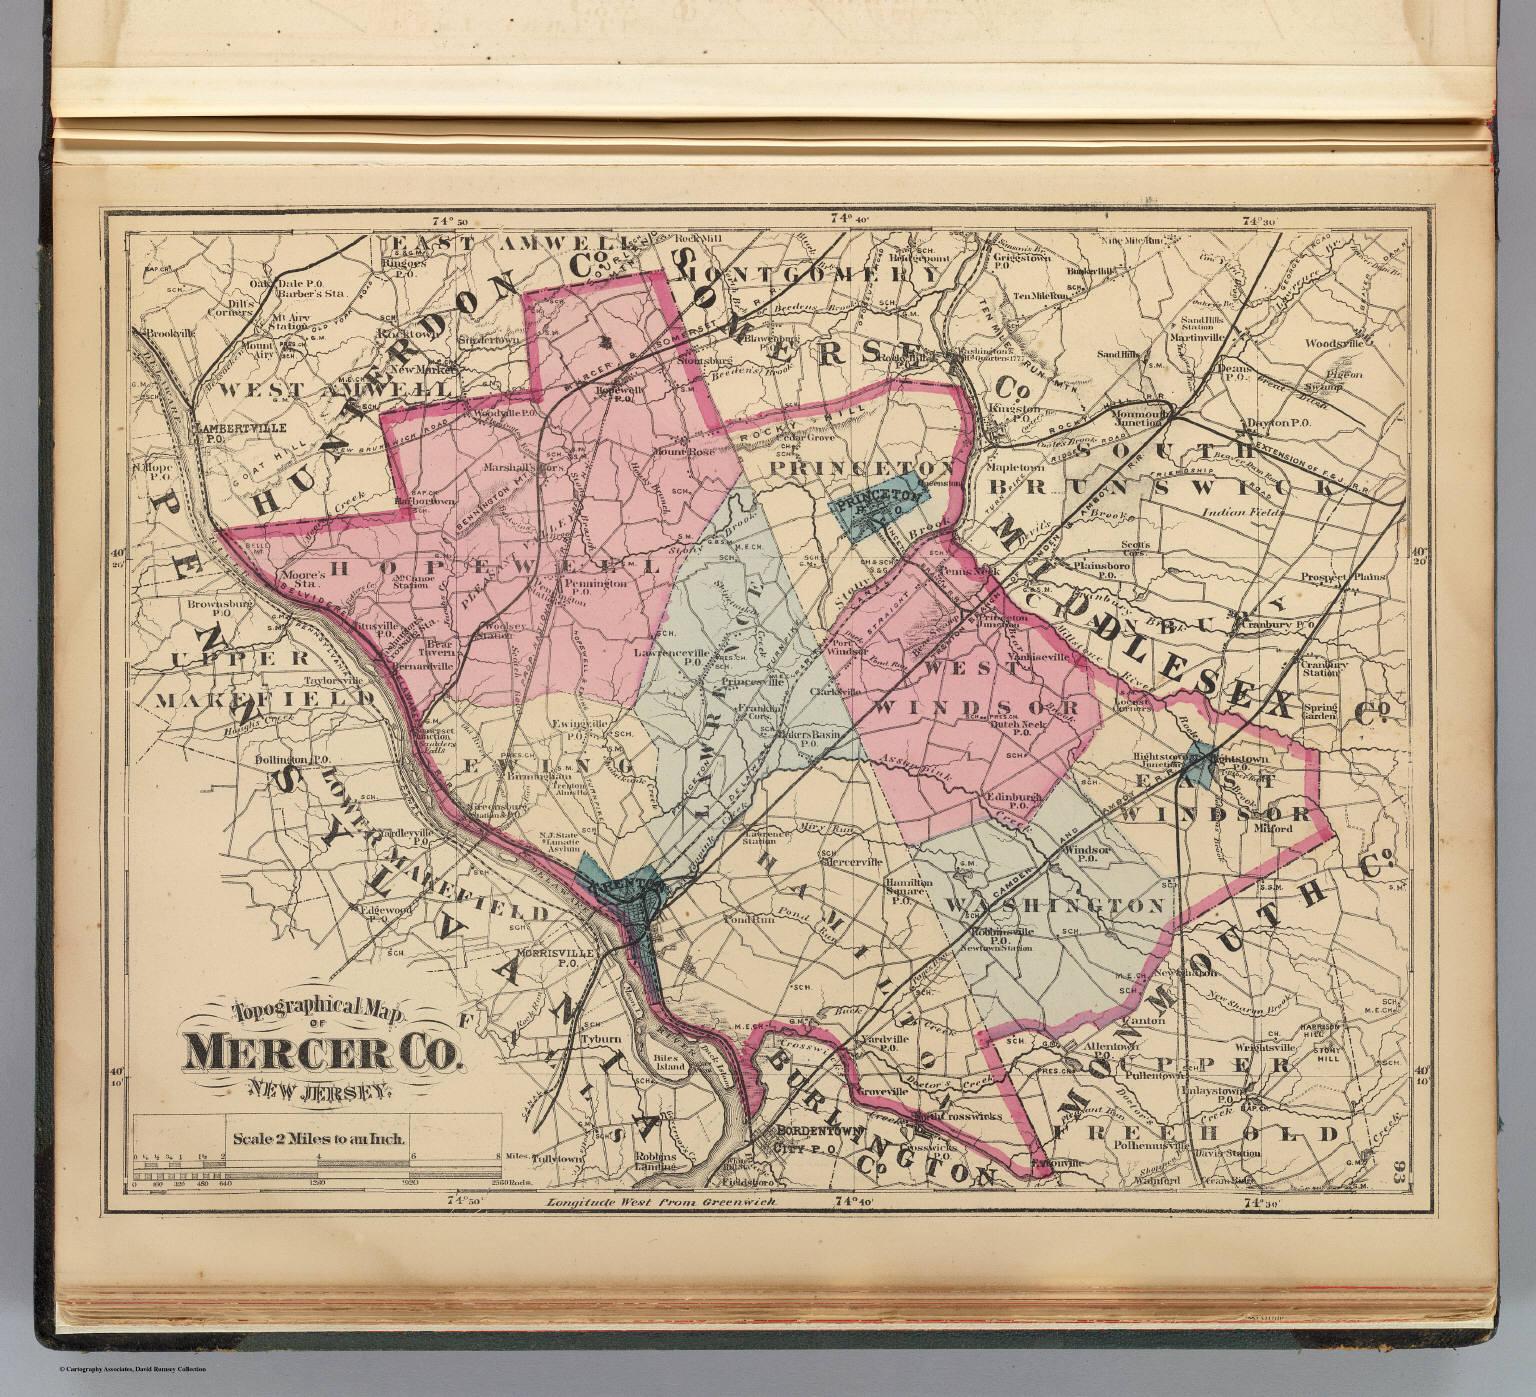 Mercer Co., N.J.